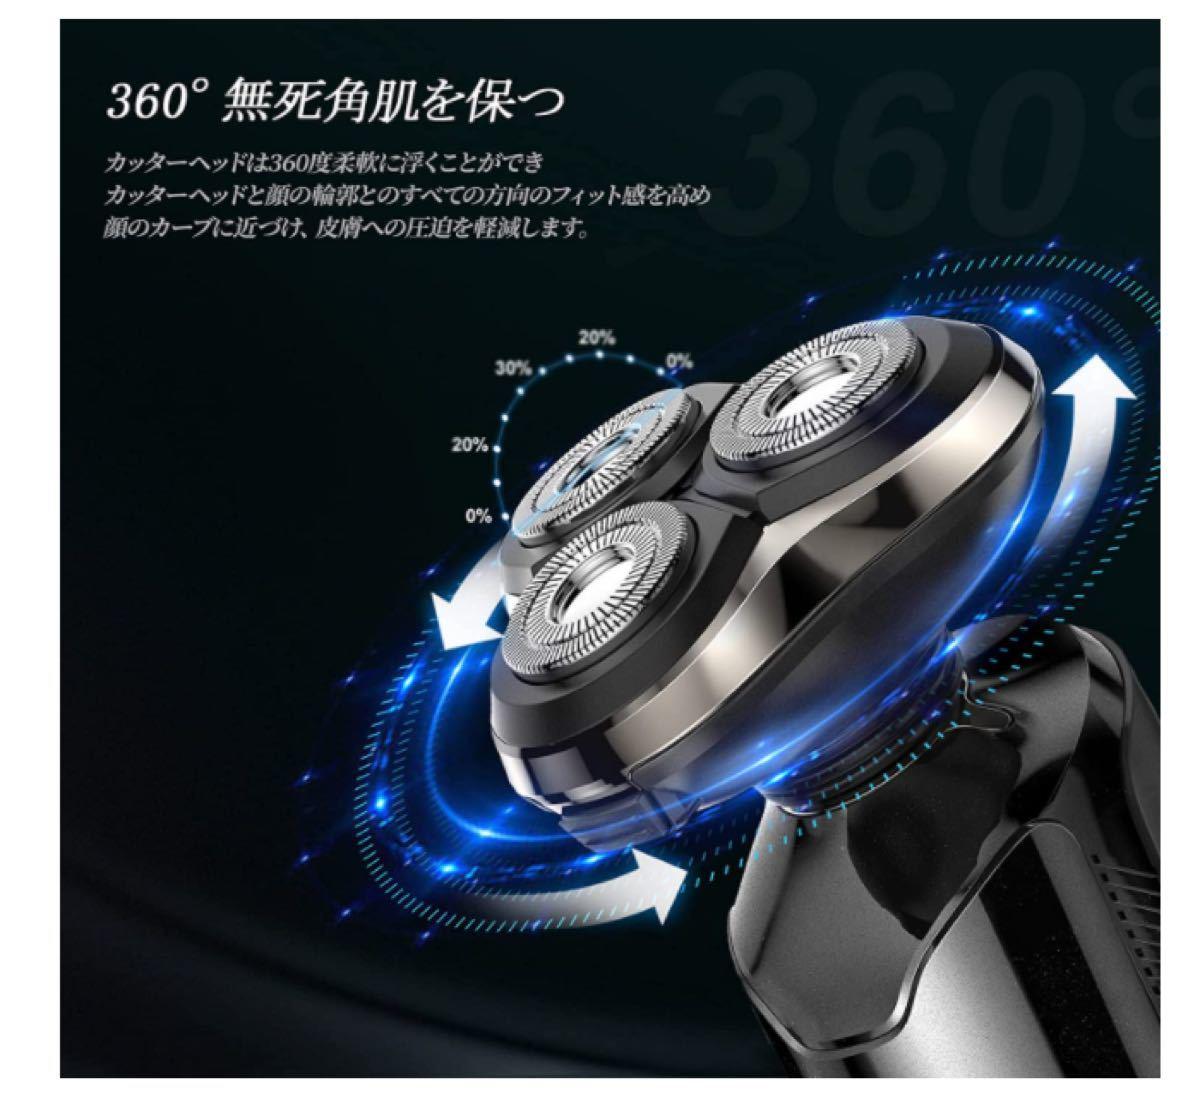 メンズシェーバー 電気シェーバー 電動ひげそり 電動シェーバー 回転式 USB